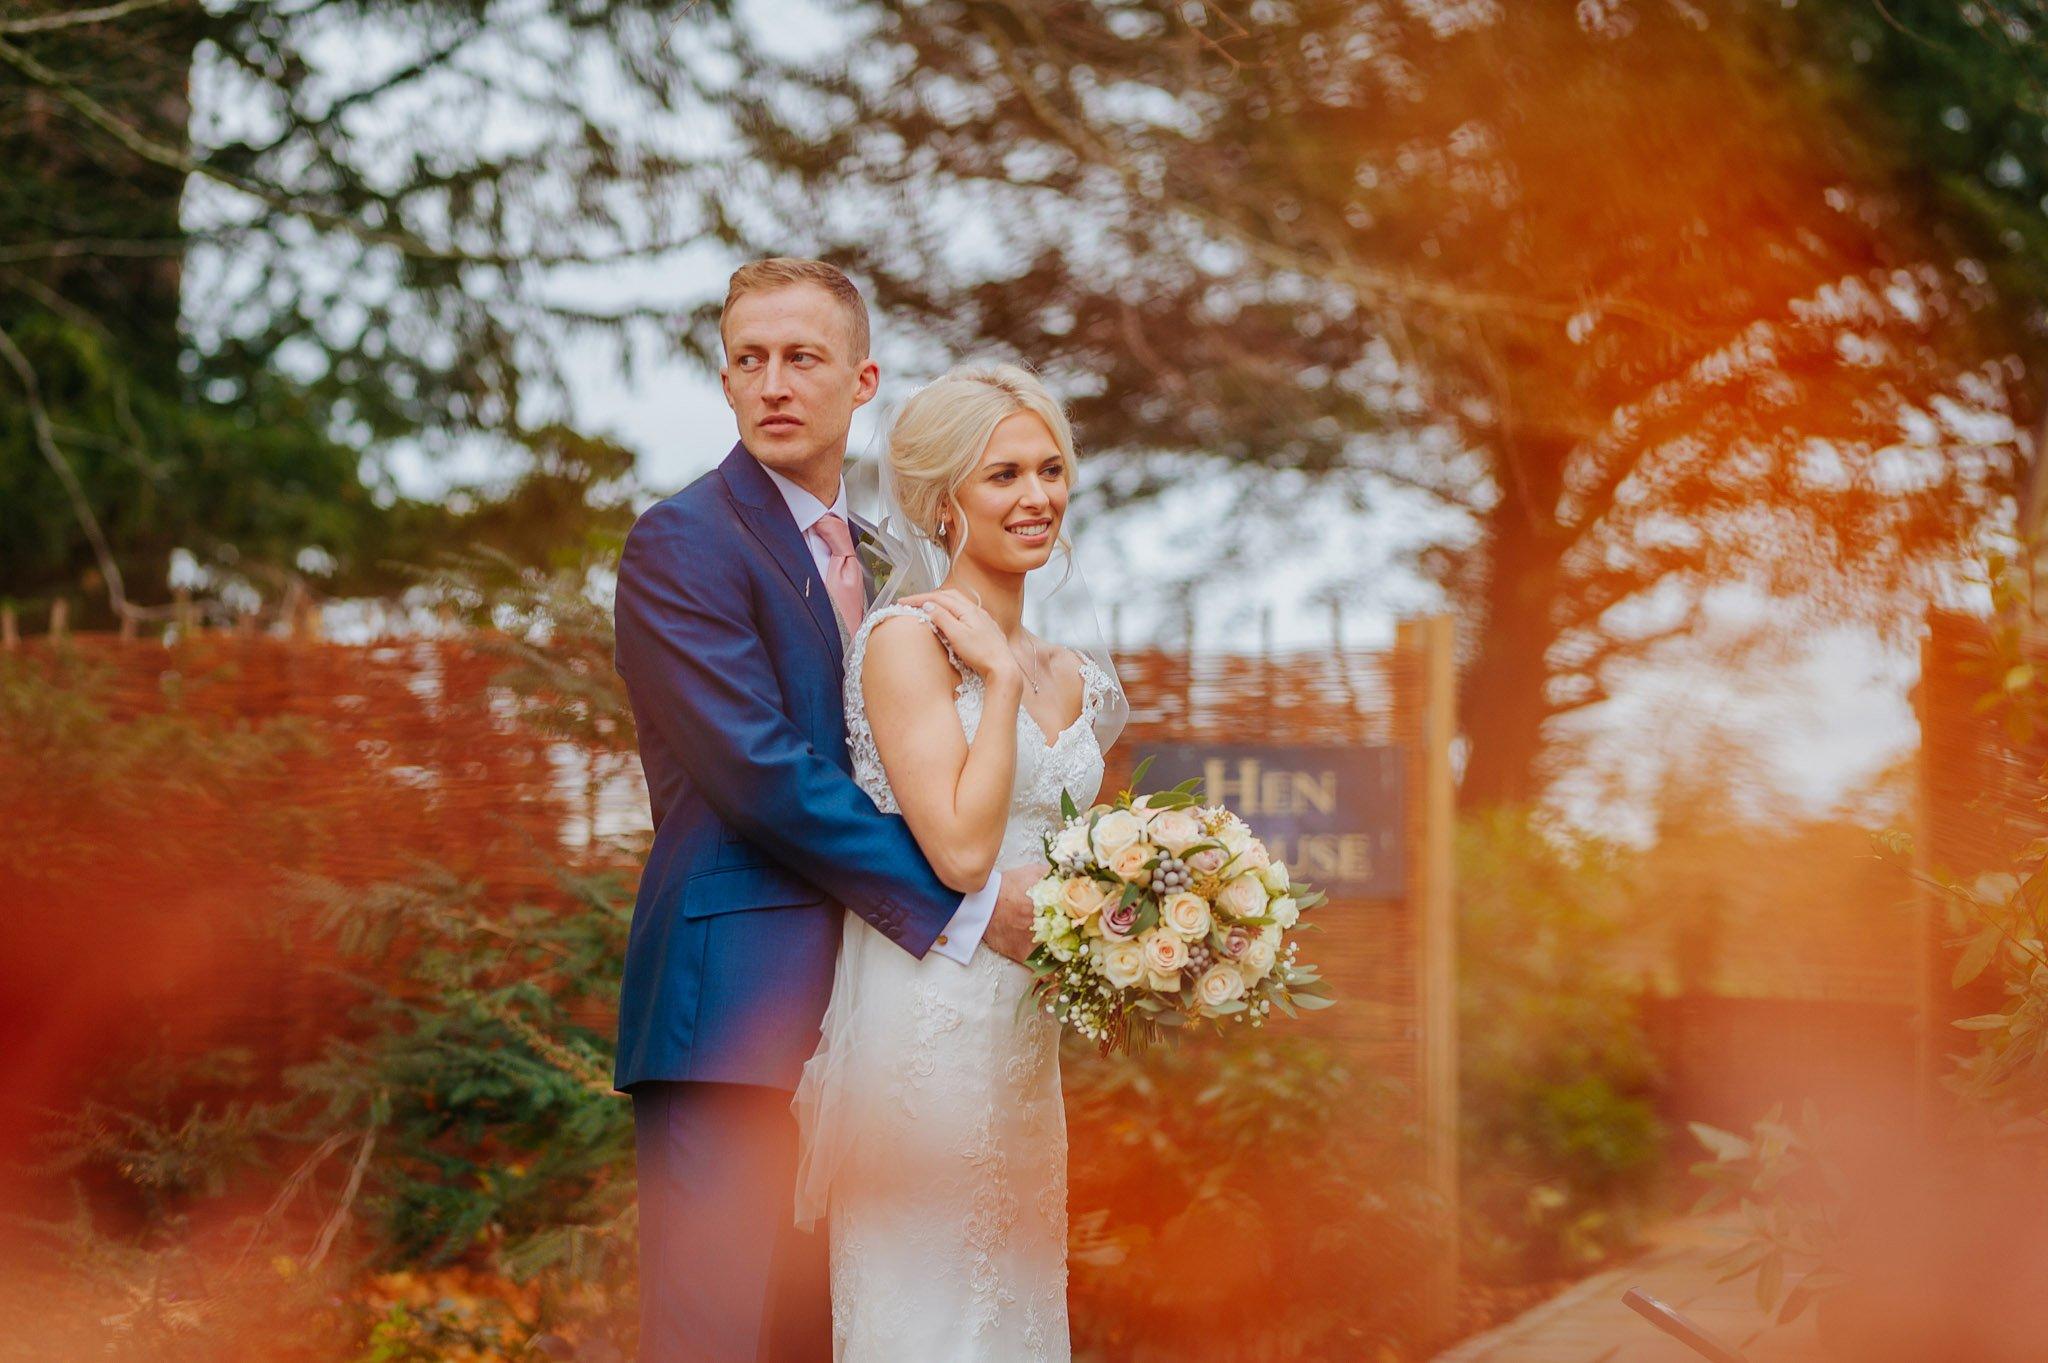 Lemore Manor wedding, Herefordshire - West Midlands | Sadie + Ken 46